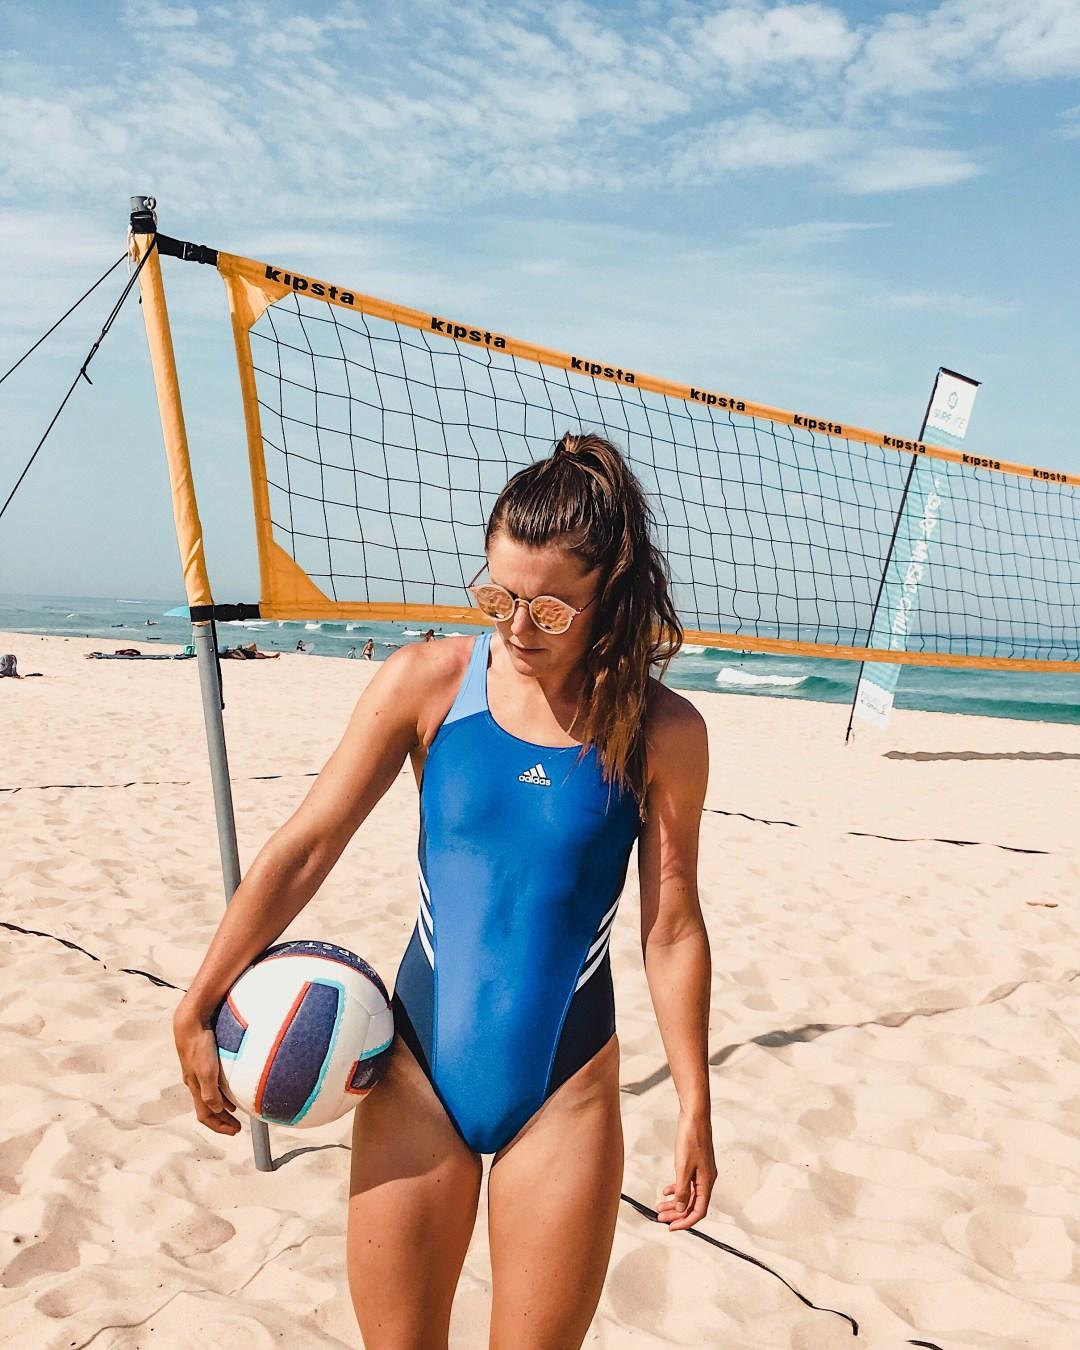 sportieve buitenactiviteiten